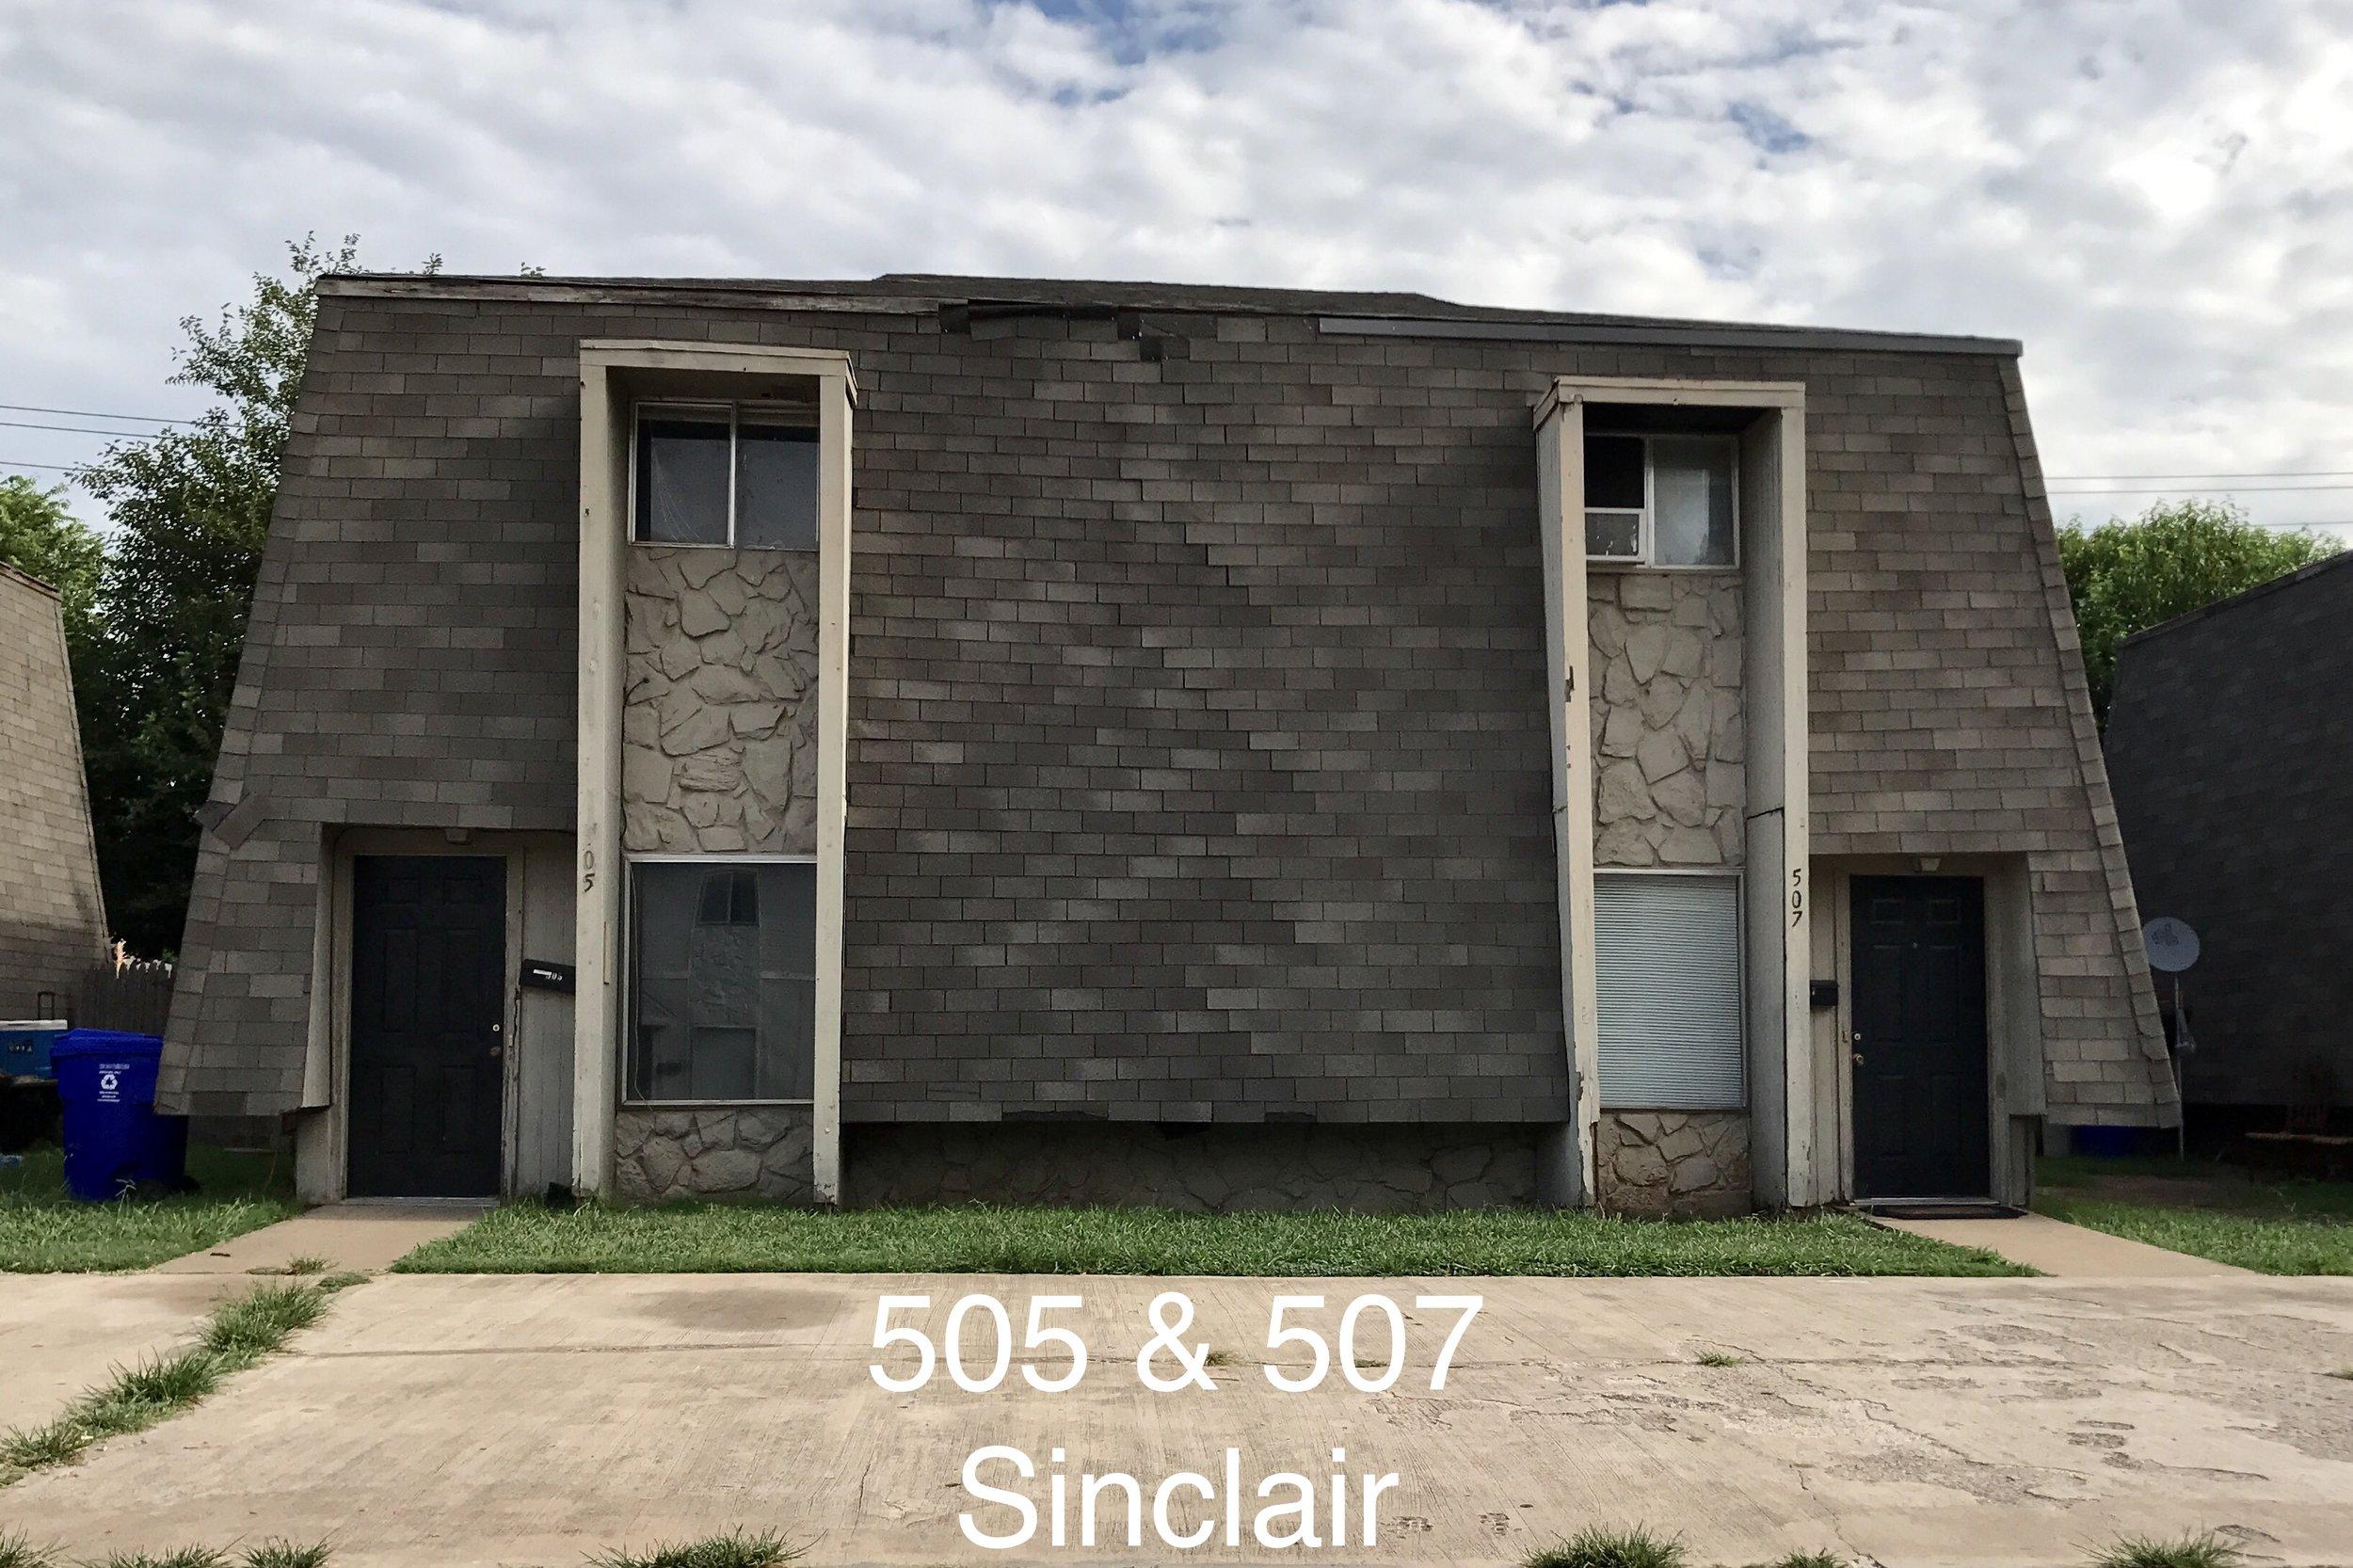 505 & 507 Sinclair.jpg